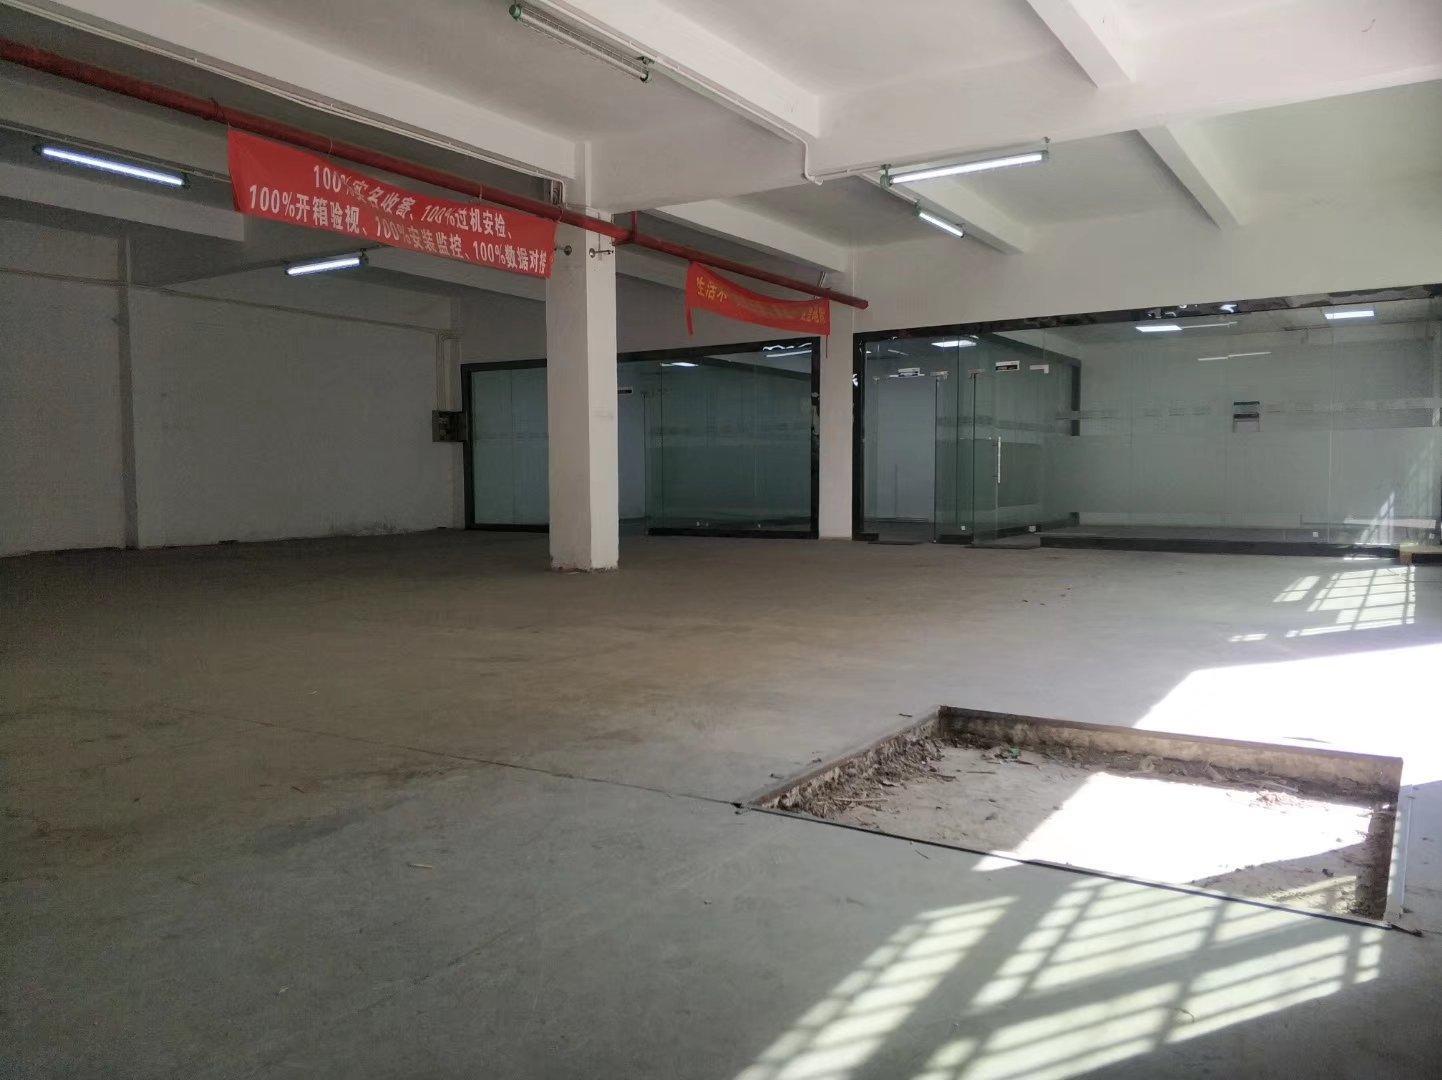 福永兴围一楼新出600平带豪华装修水电齐全